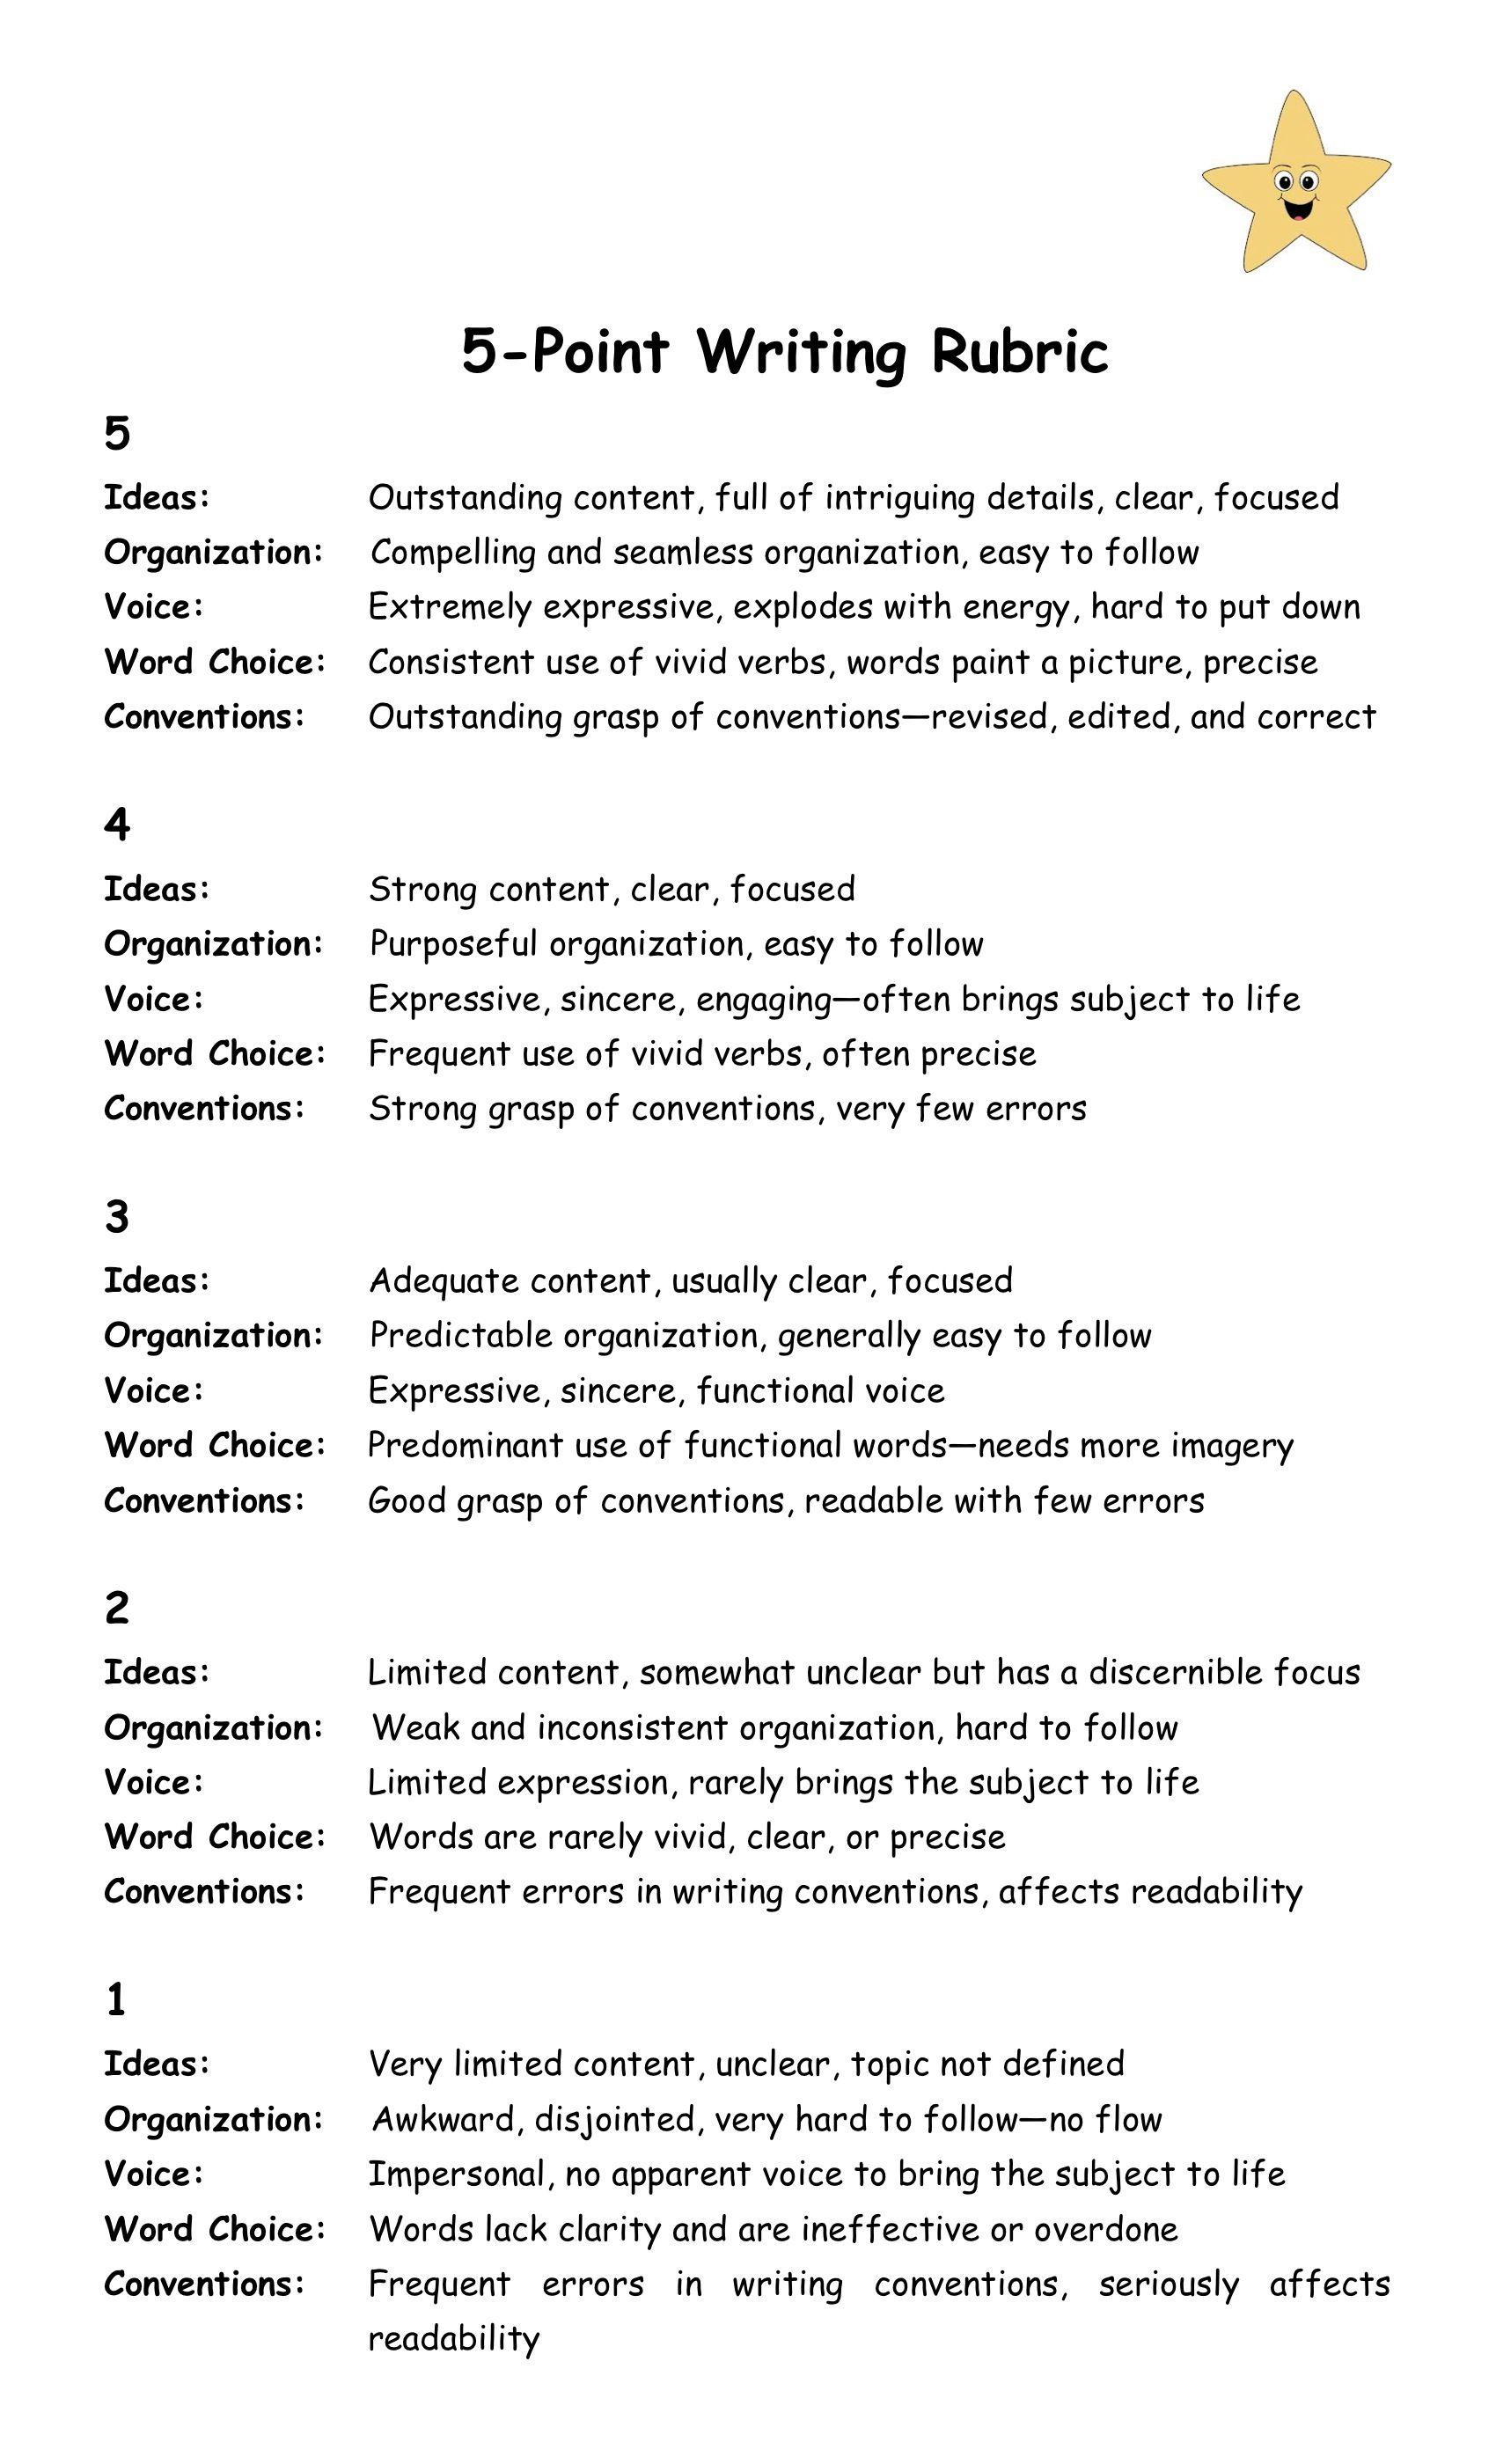 5 paragraph essay rubric 100 points